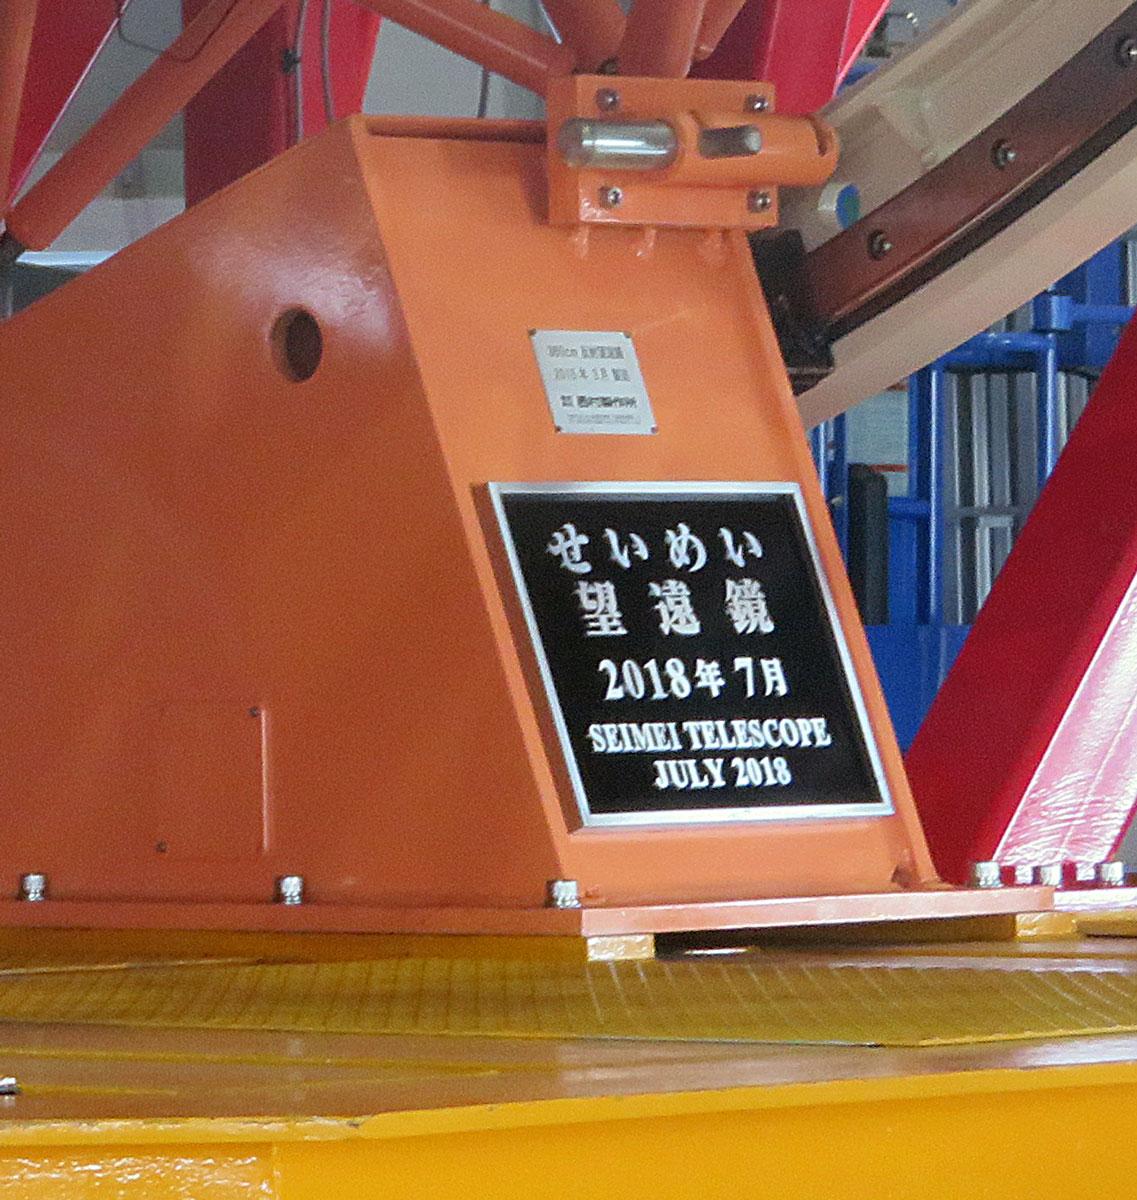 京都大学 岡山天文台 3.8m せいめい望遠鏡 銘板